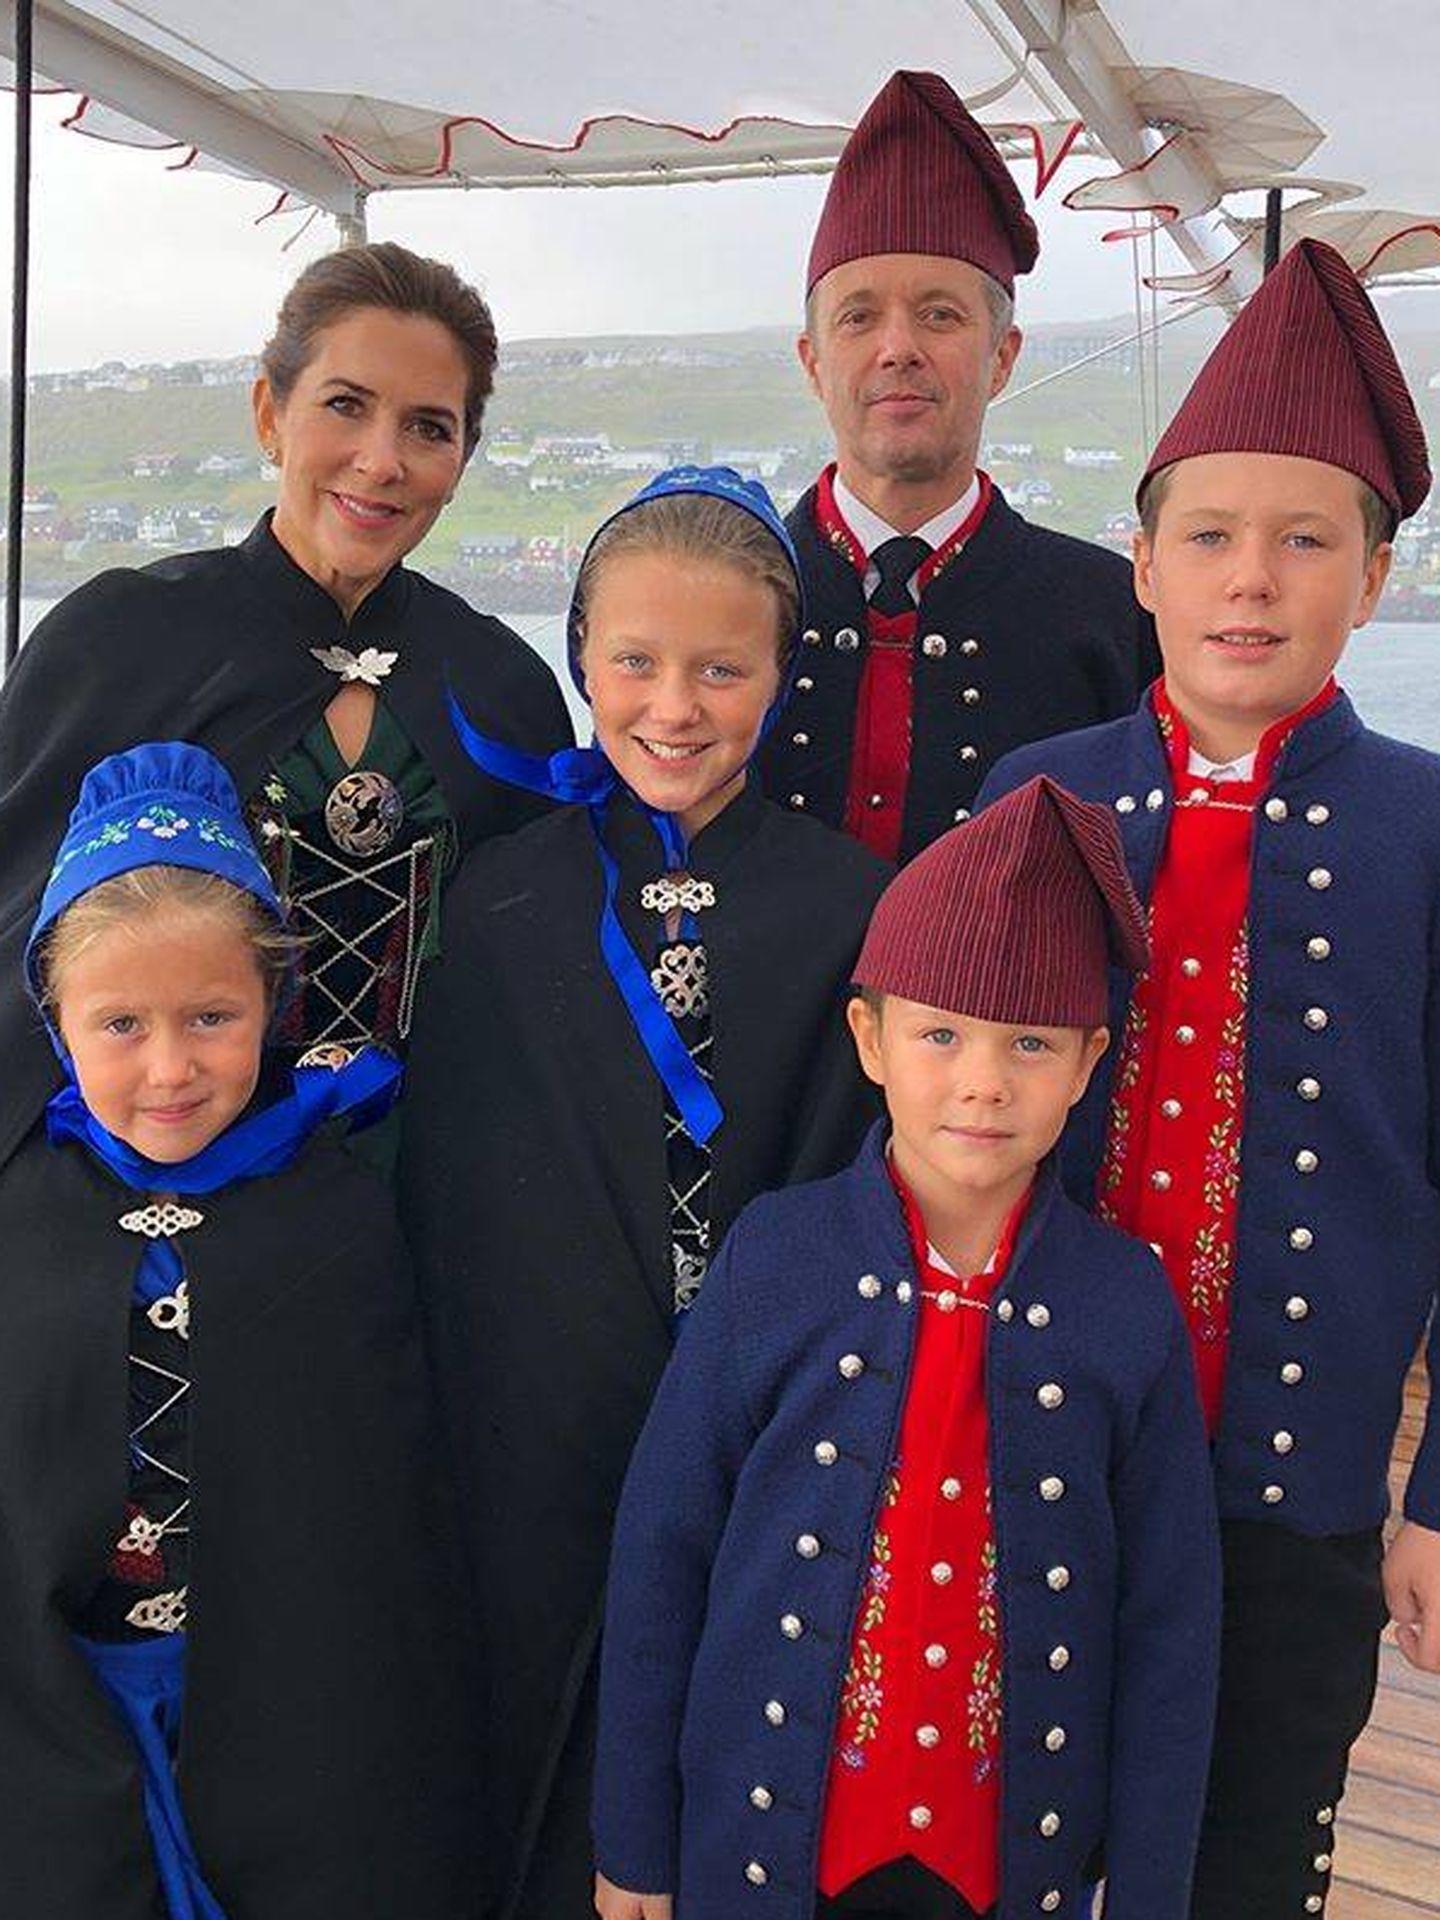 La familia al completo a bordo del buque real. (Instagram)